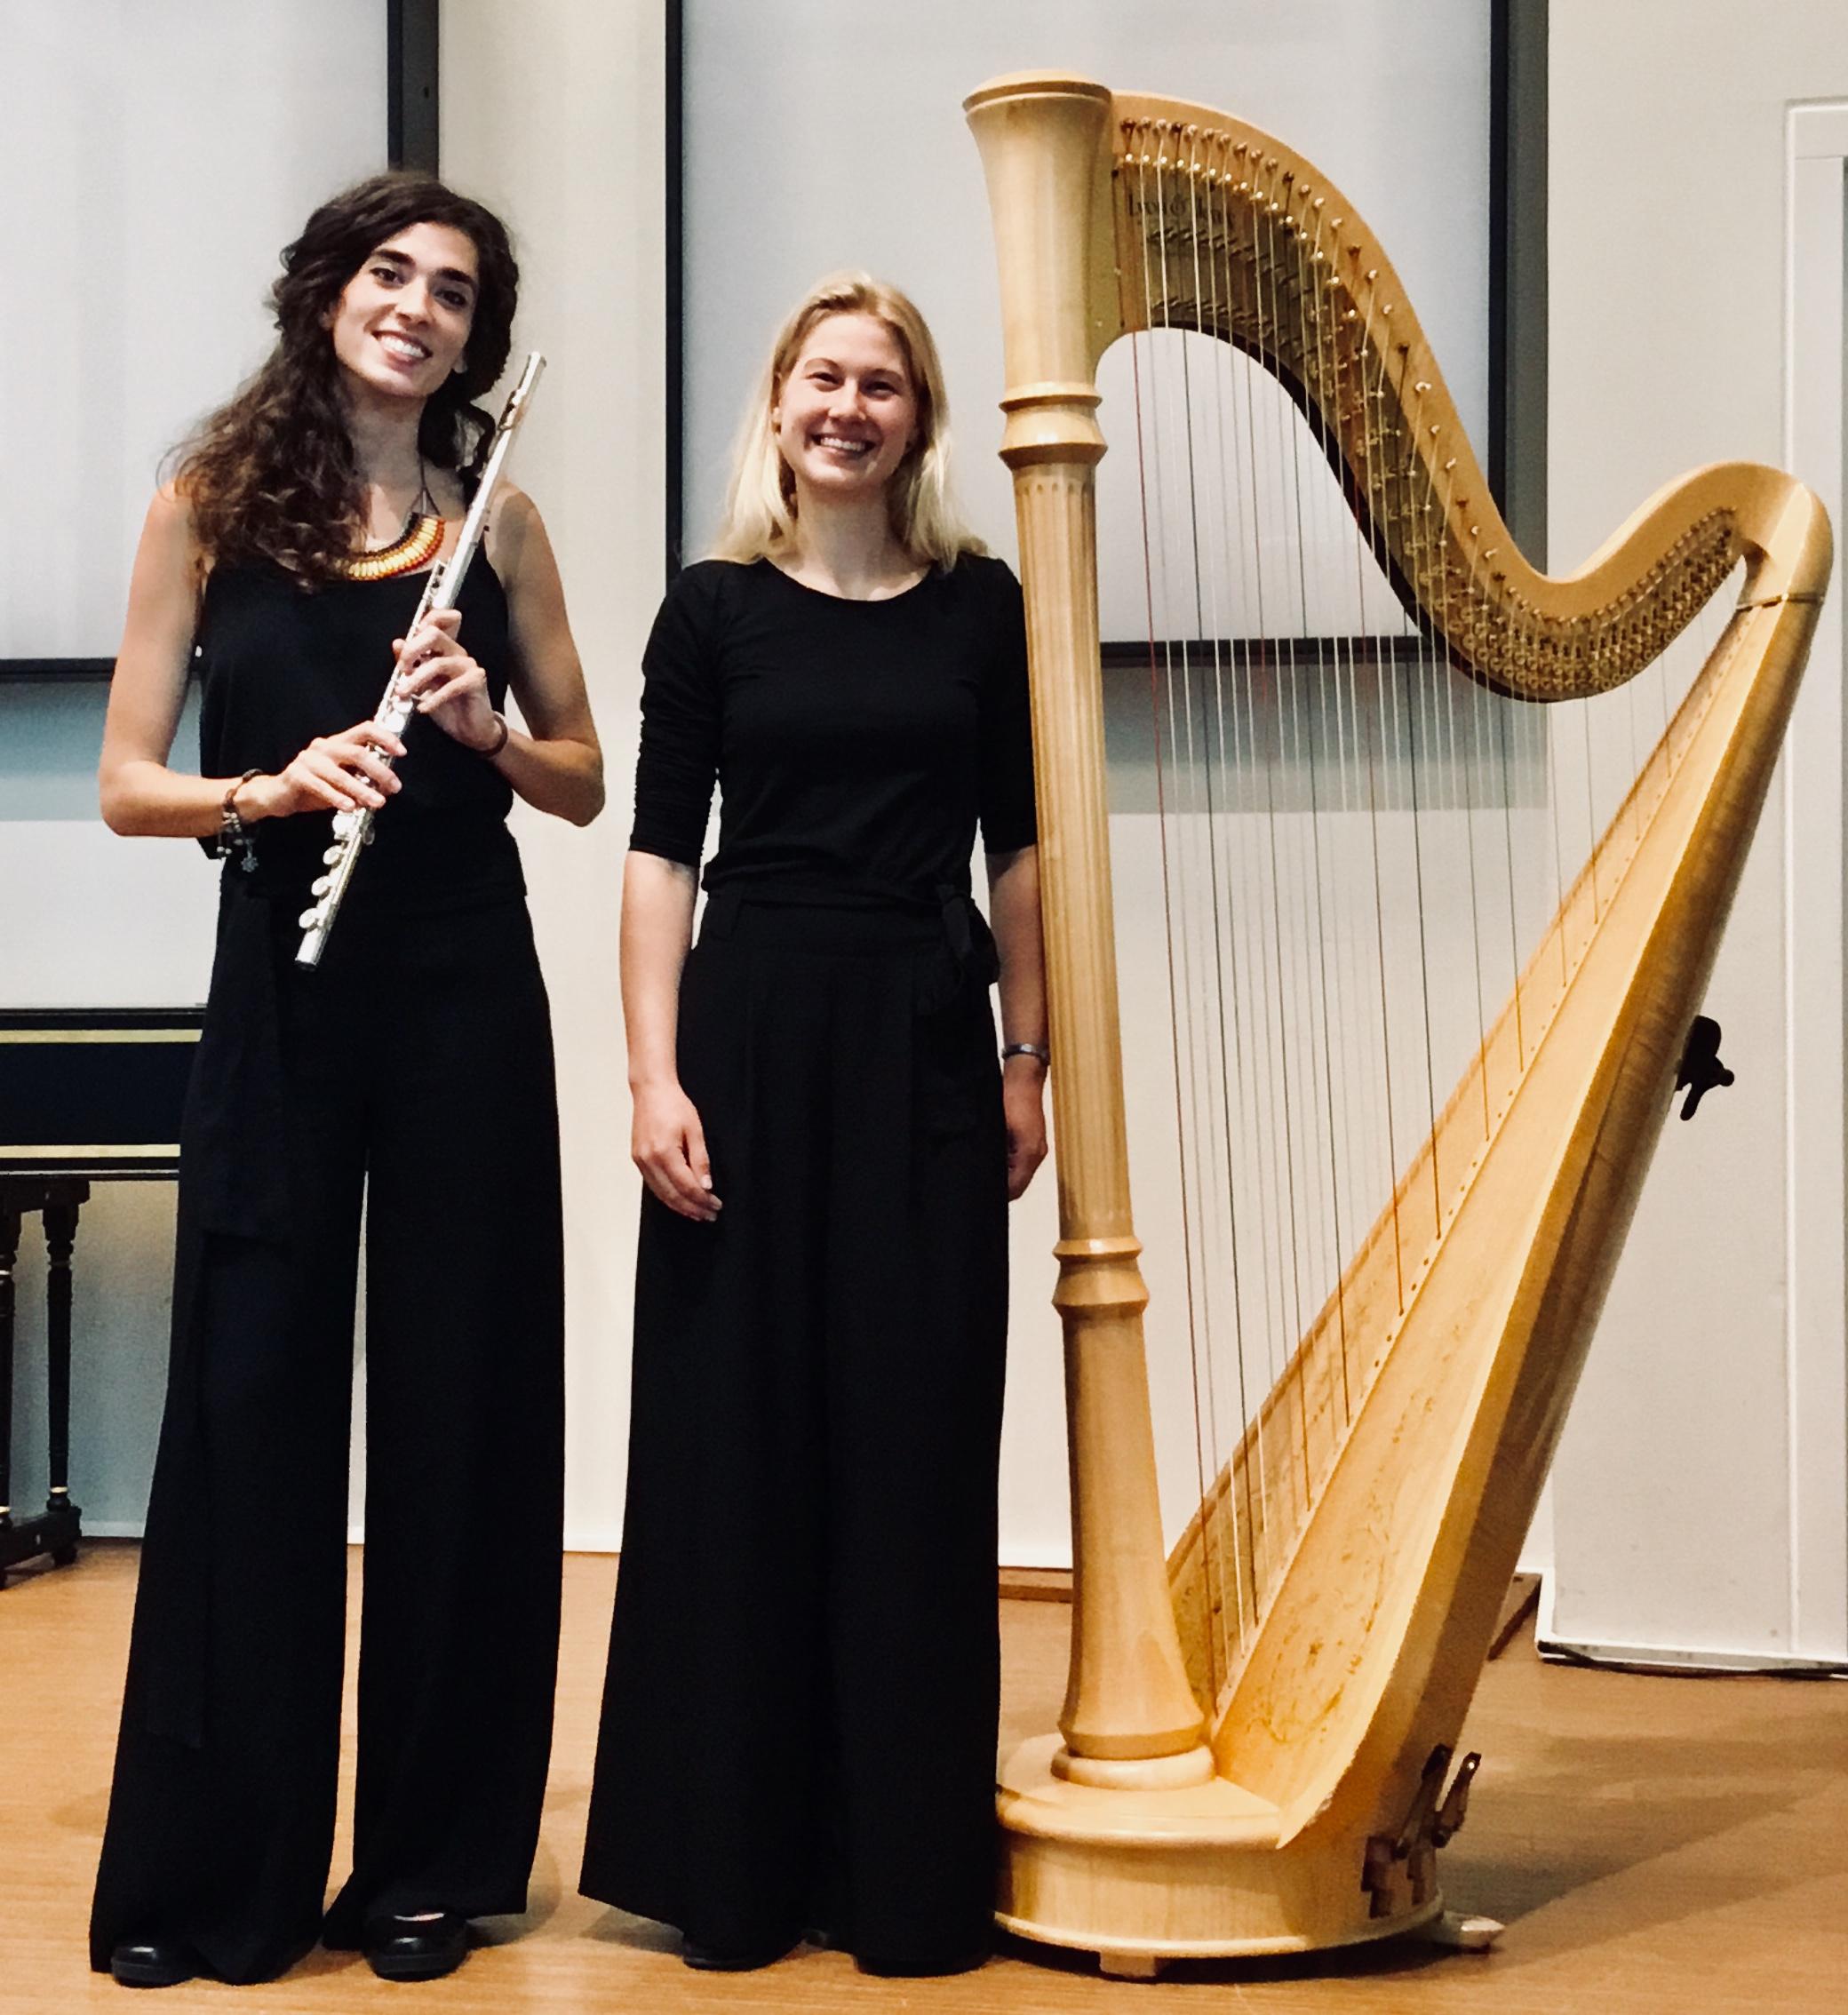 Zomerconcert in De Kleine Kerk: Majsa Koperberg, harp en Maria Cristina Gonzalez, fluit